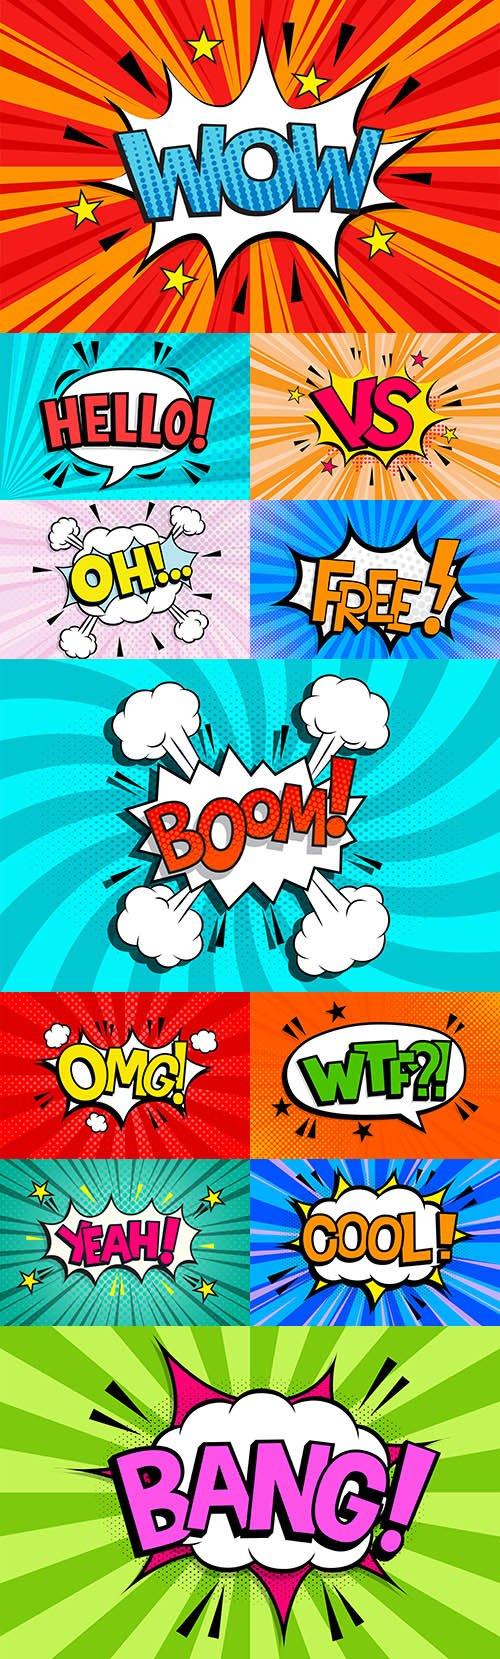 Text effect in comic speech bubble in style pop art